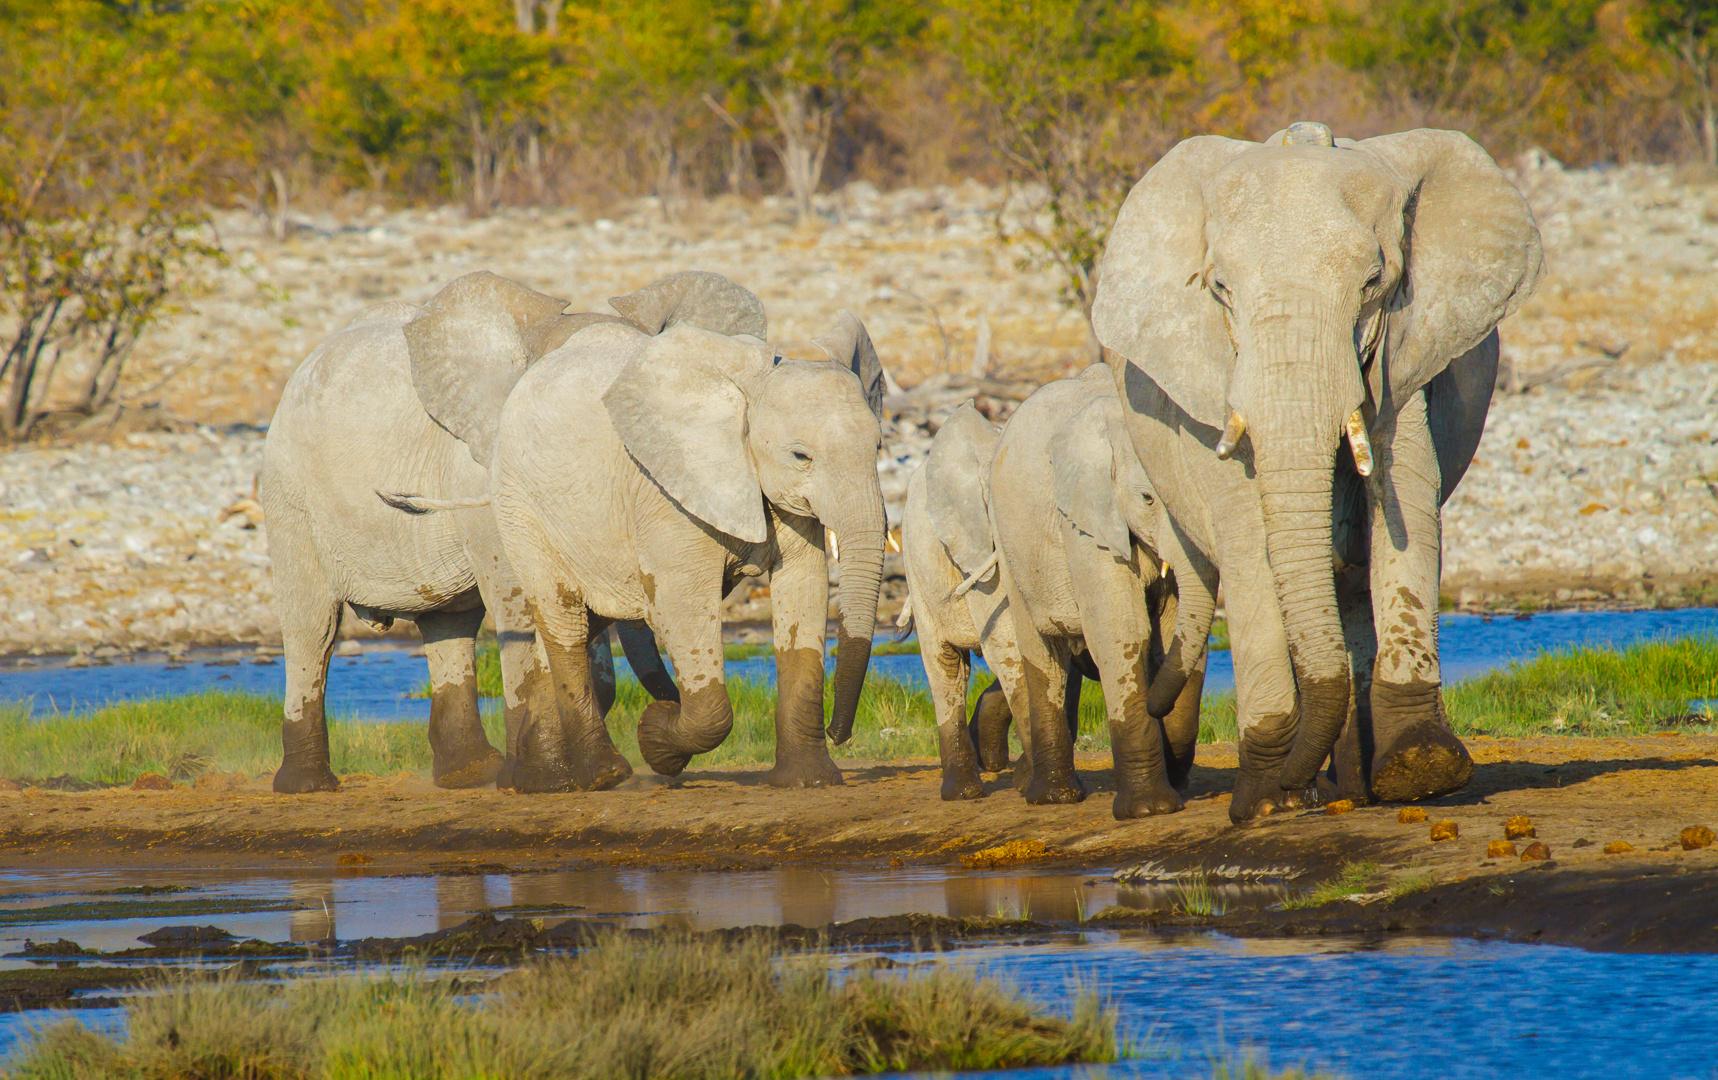 Die Elefantenfamilie kommt zum Baden